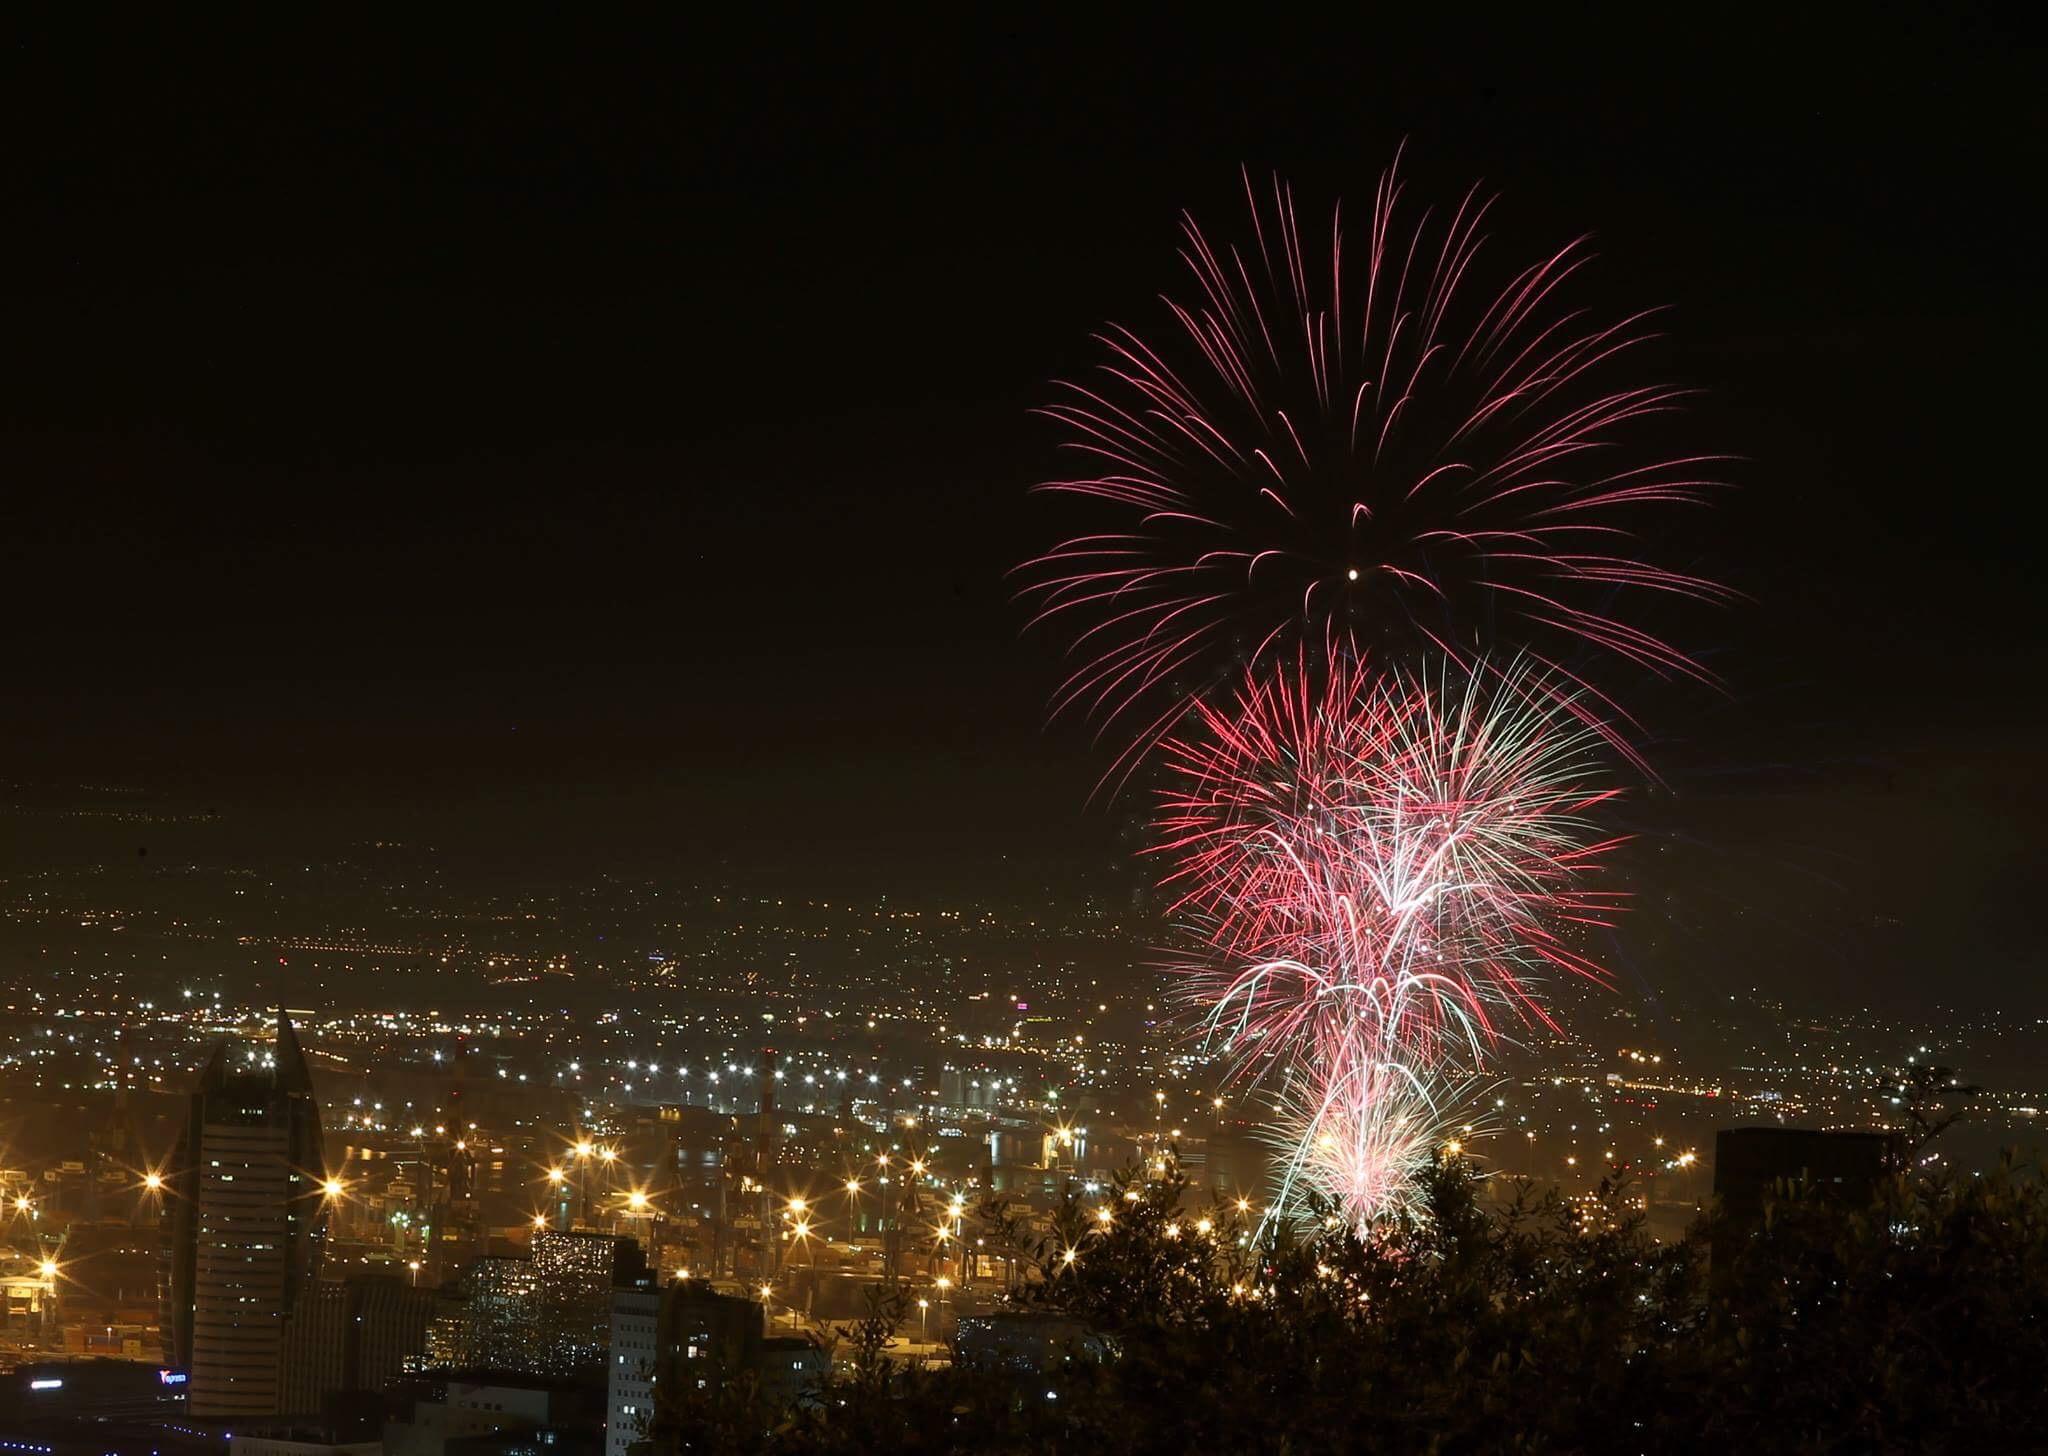 חג עצמאות שמח: זיקוקין בשמי ארצנו